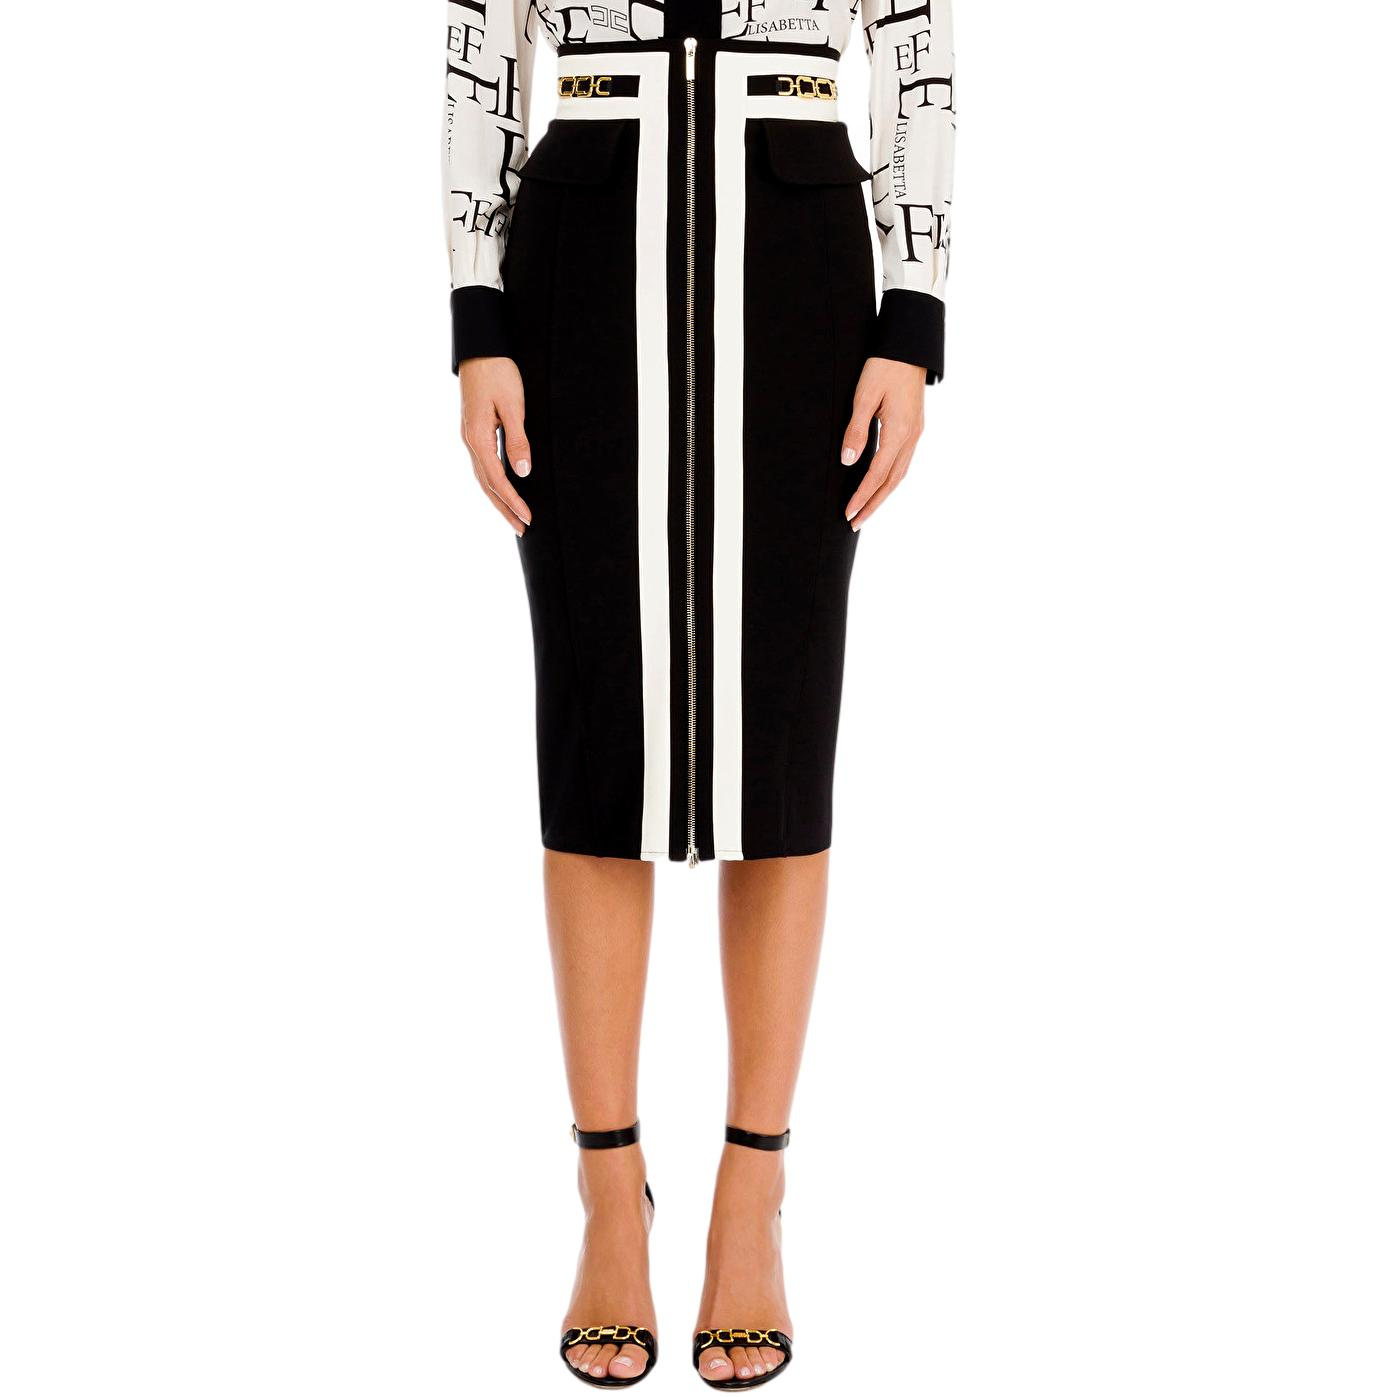 Longuette skirt with zip and light gold horsebit ELISABETTA FRANCHI |  | GO46011E2685